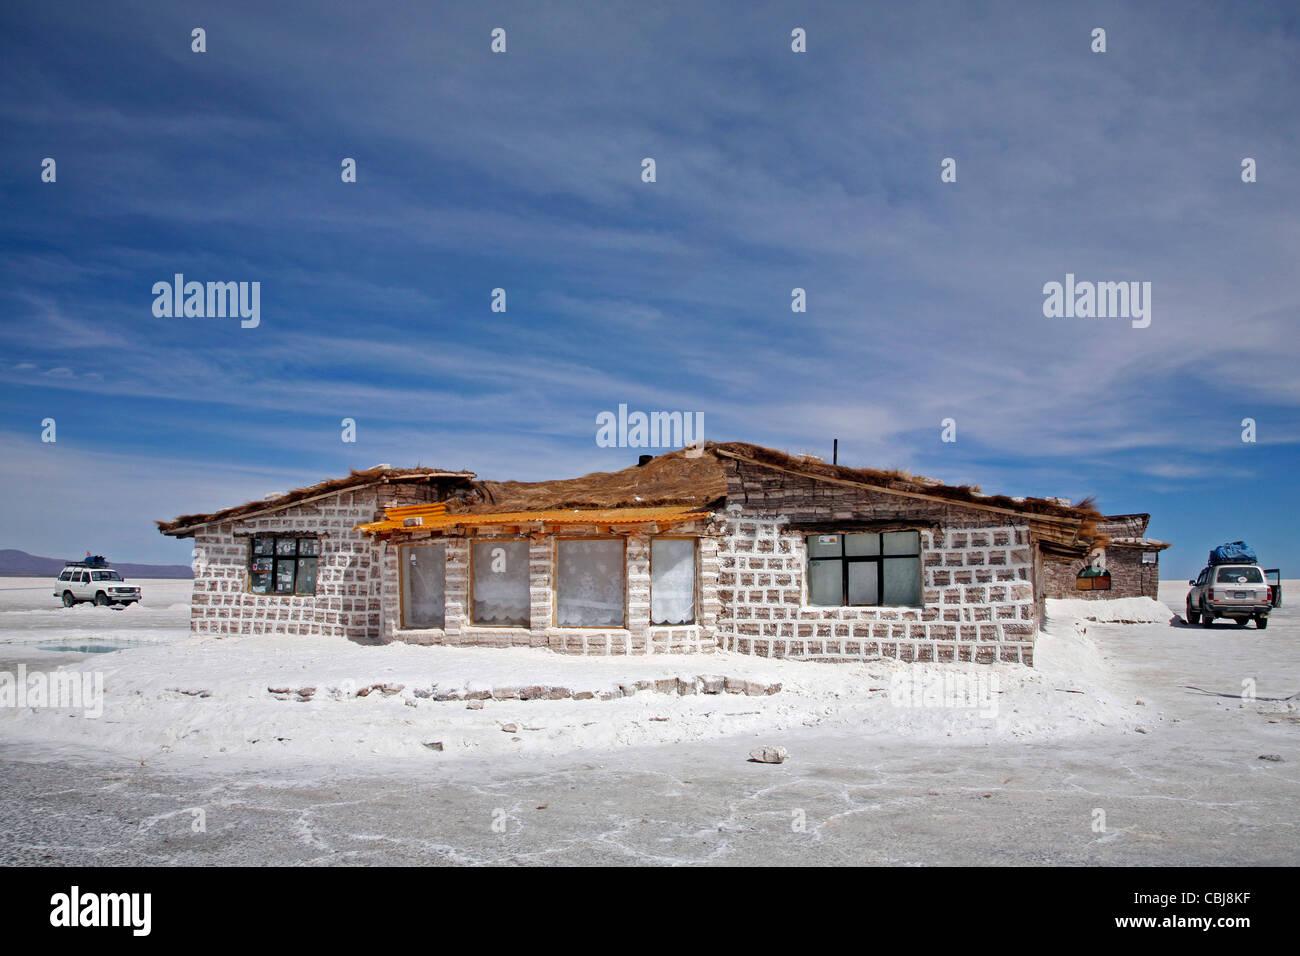 Sale hotel per turisti in mezzo alla distesa di sale Salar de Uyuni, Altiplano in Bolivia Immagini Stock